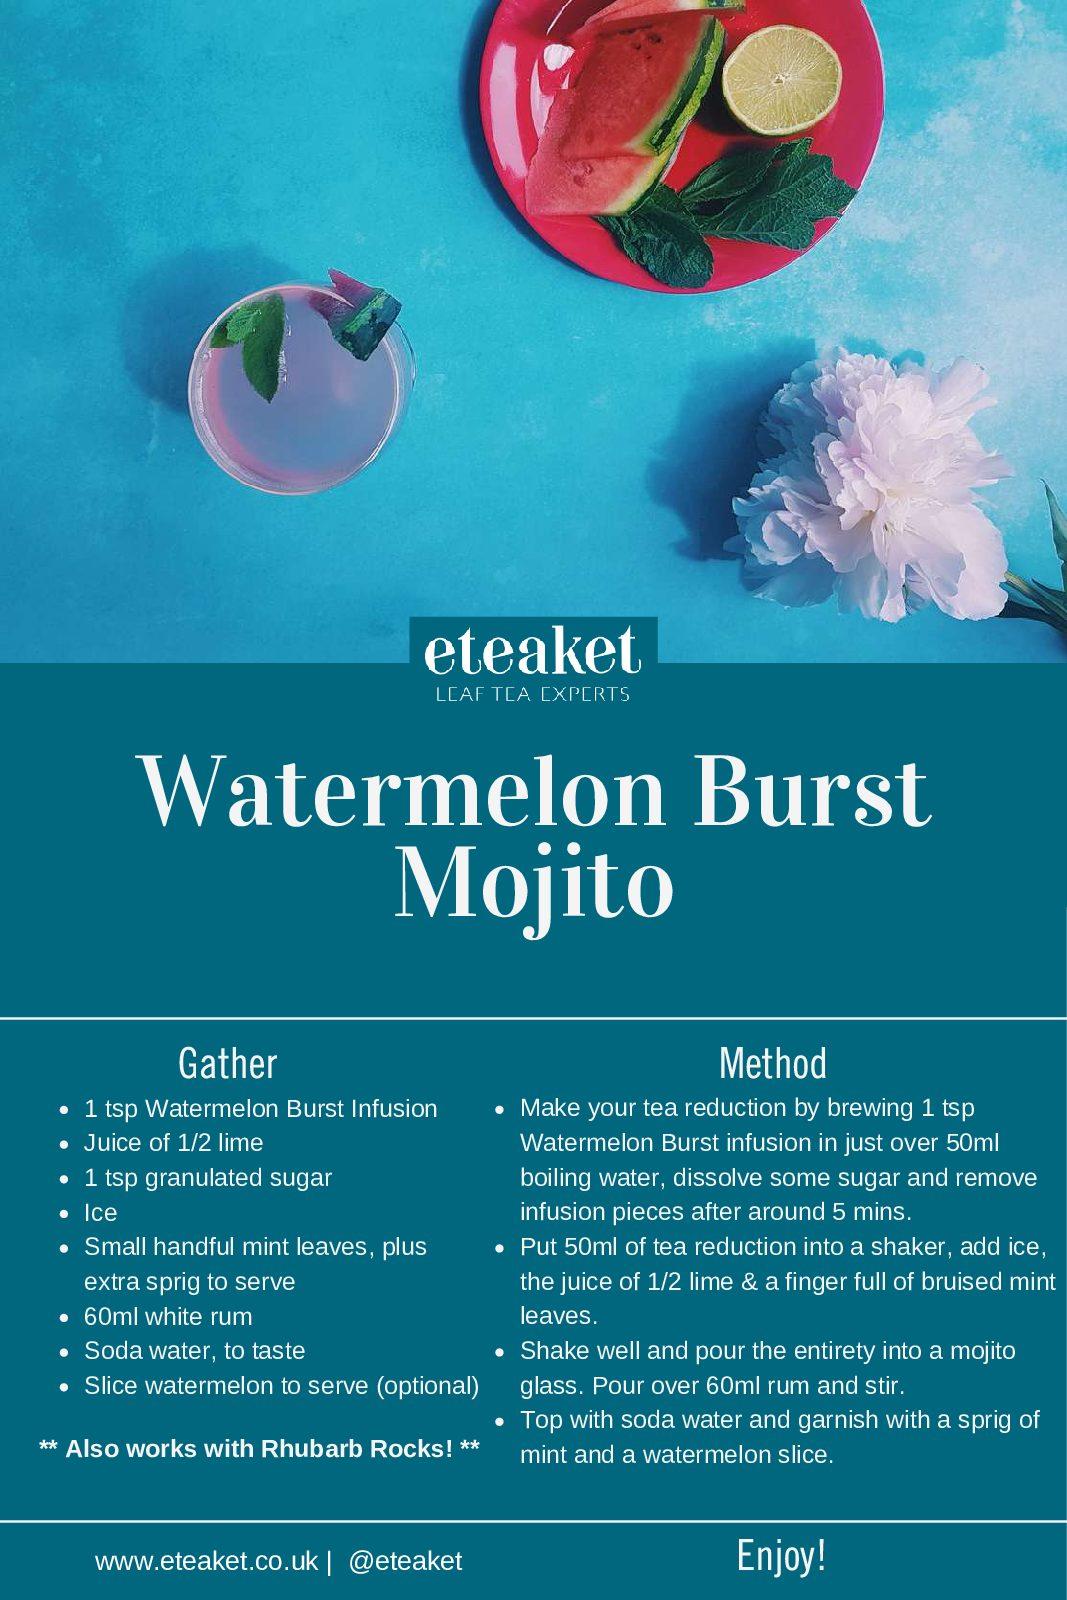 Watermelon Burst Mojito Recipe